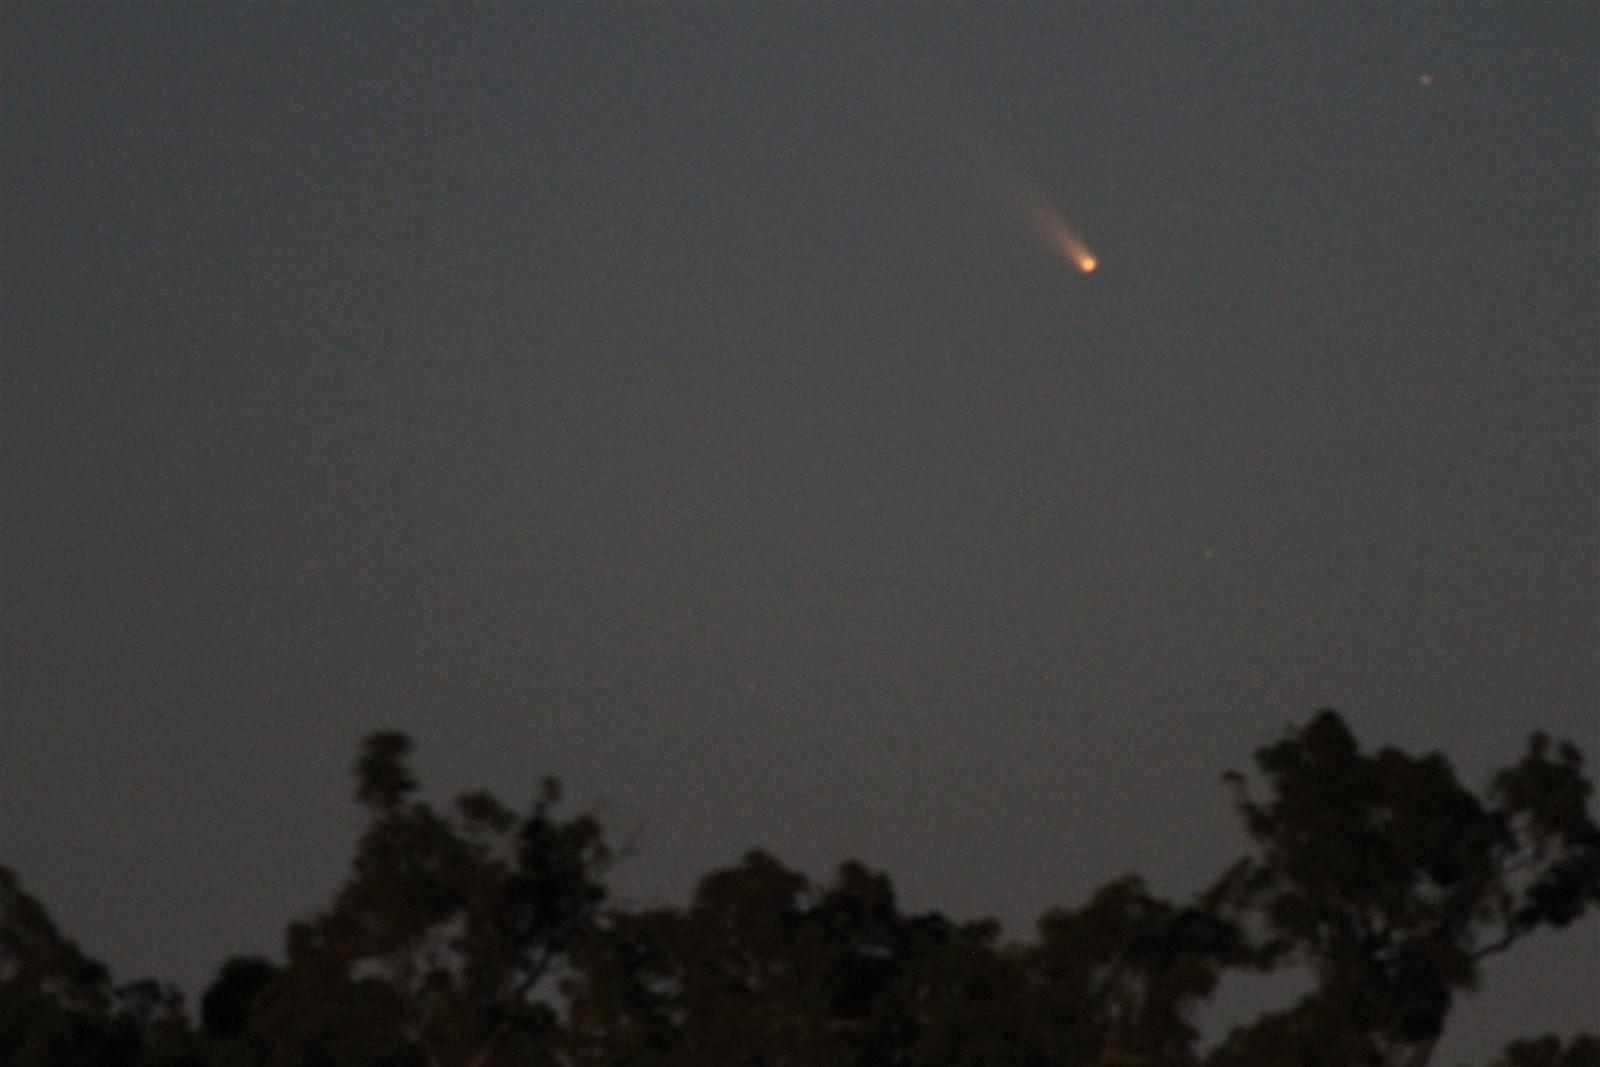 Comet Sky 2013 February 27 2013 Comet